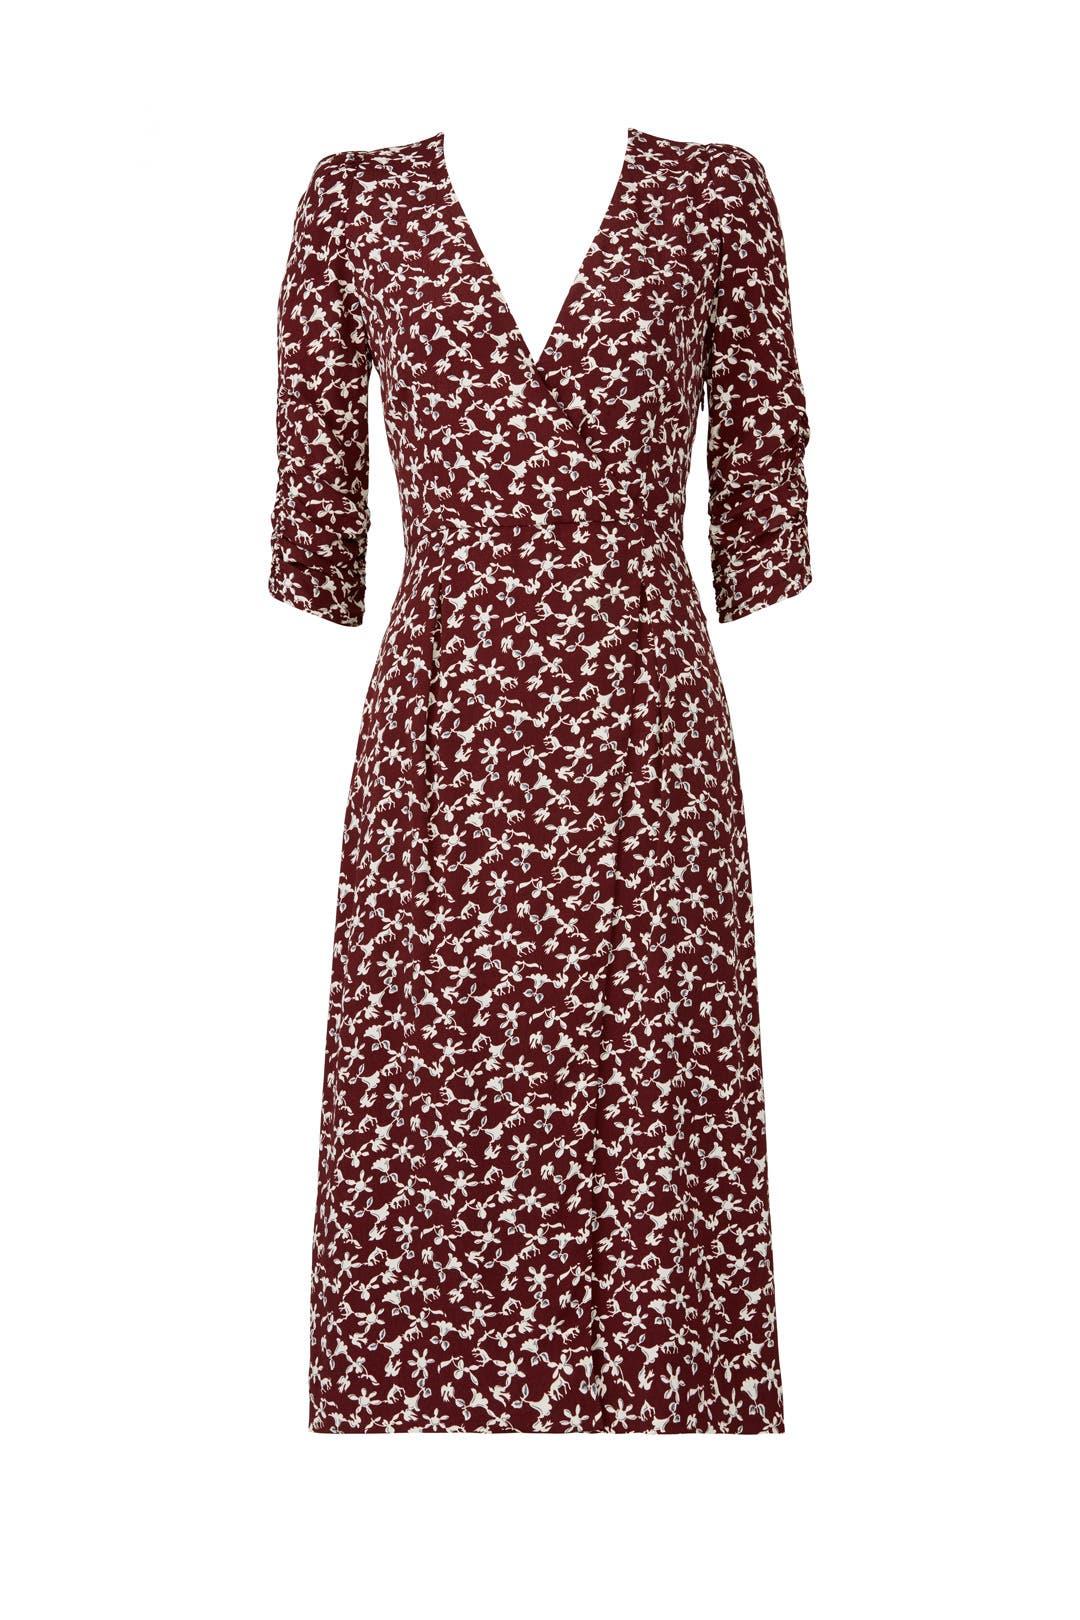 Cost DRESSES - Knee-length dresses BA&SH 2018 Cheap Sale Original Sale Online Cheap Sale For Sale VLxNU